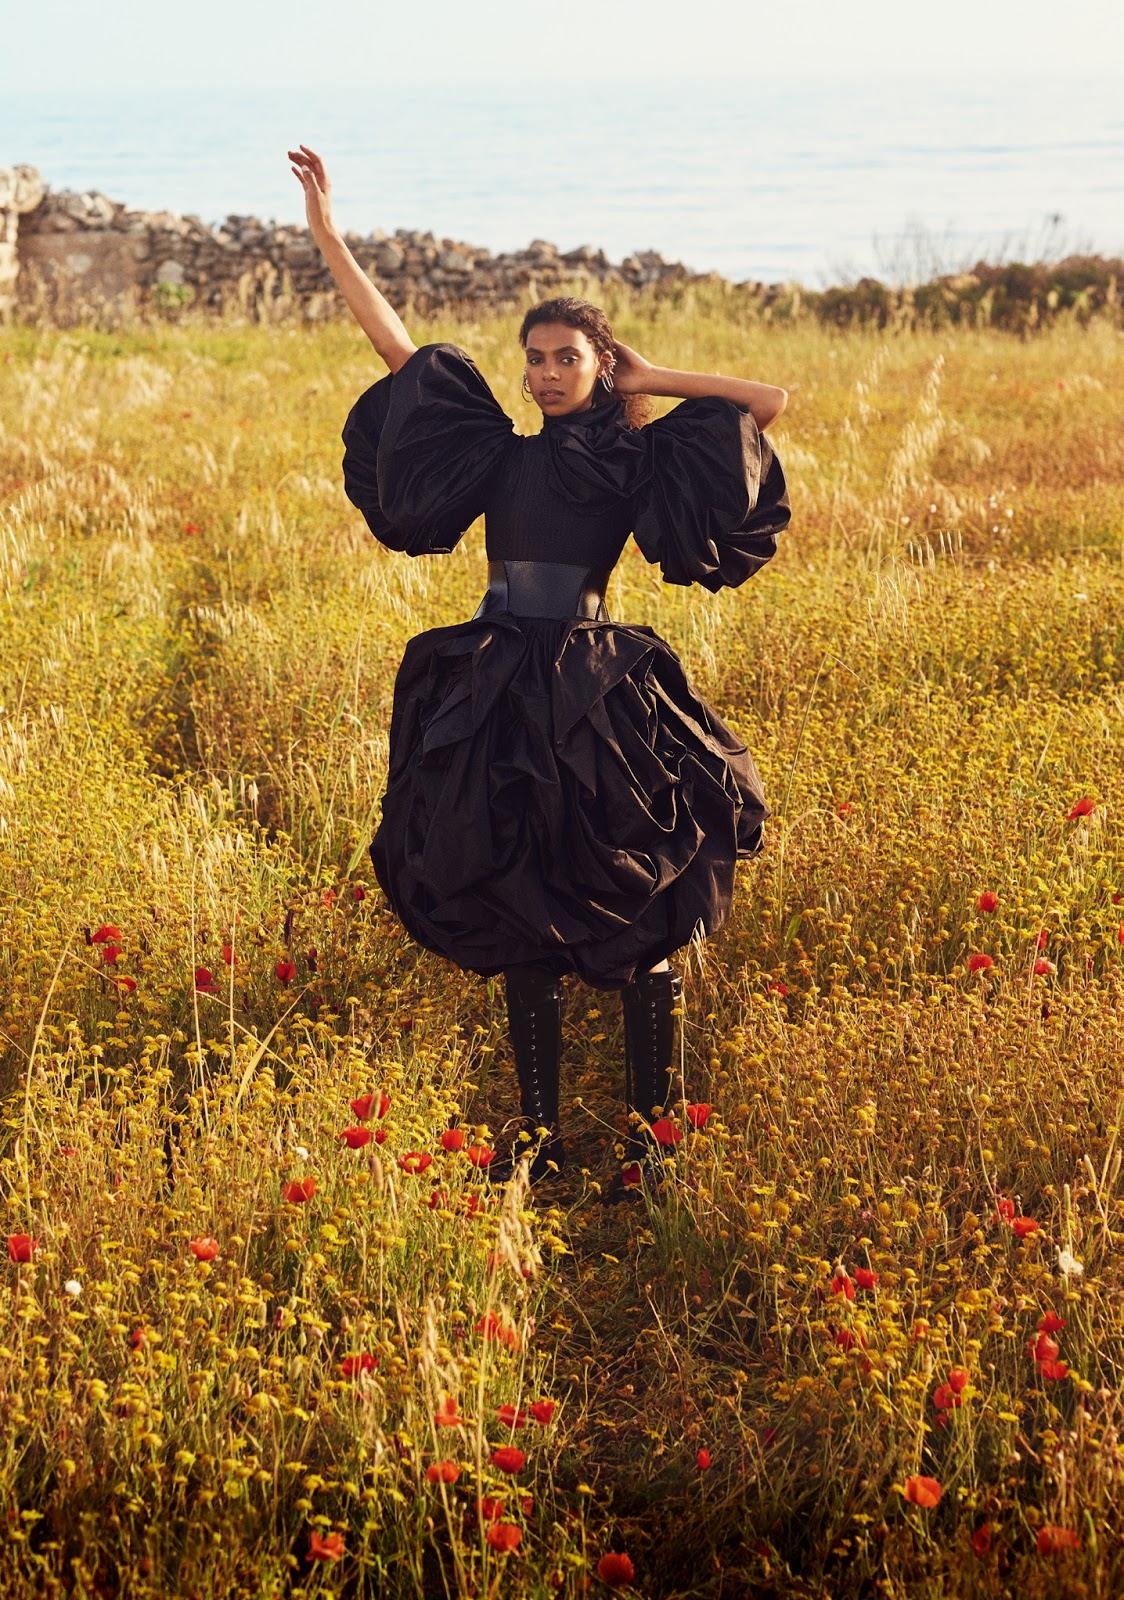 Alyssa Traore for Elle UK August 2019 (13).jpg